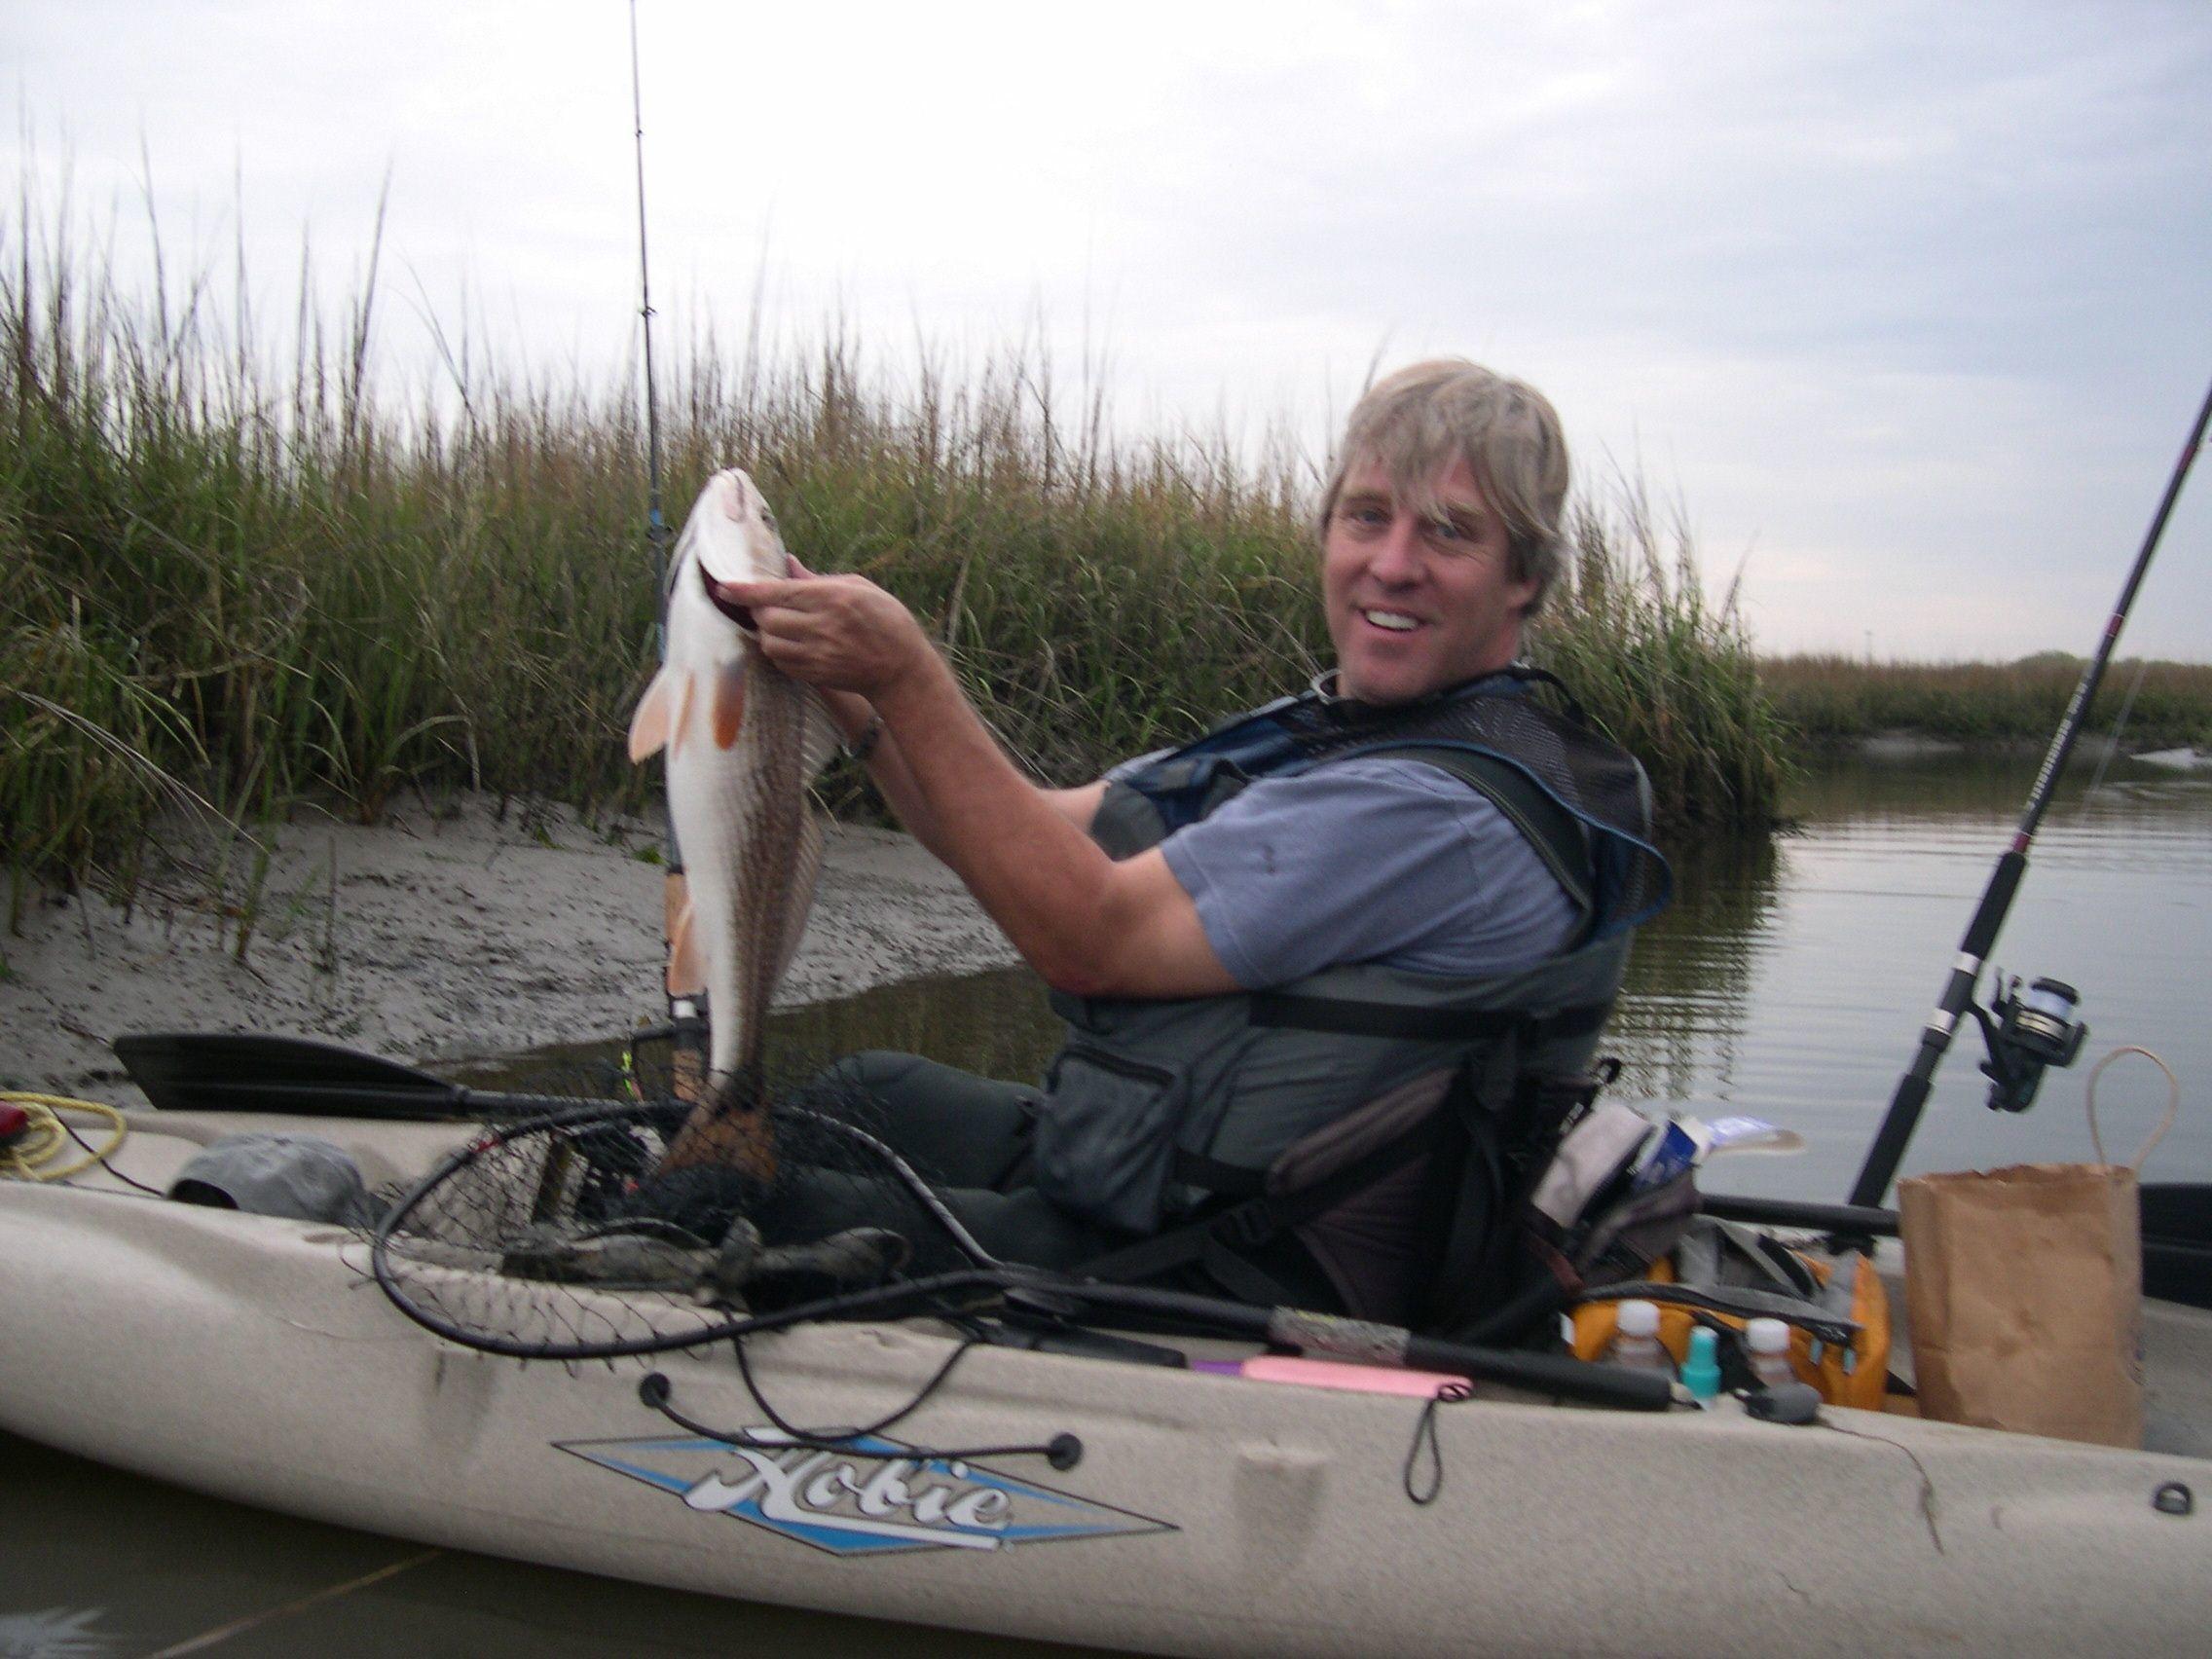 Harold R  Hutzler, J  - East Coast Sea Kayak Symposium